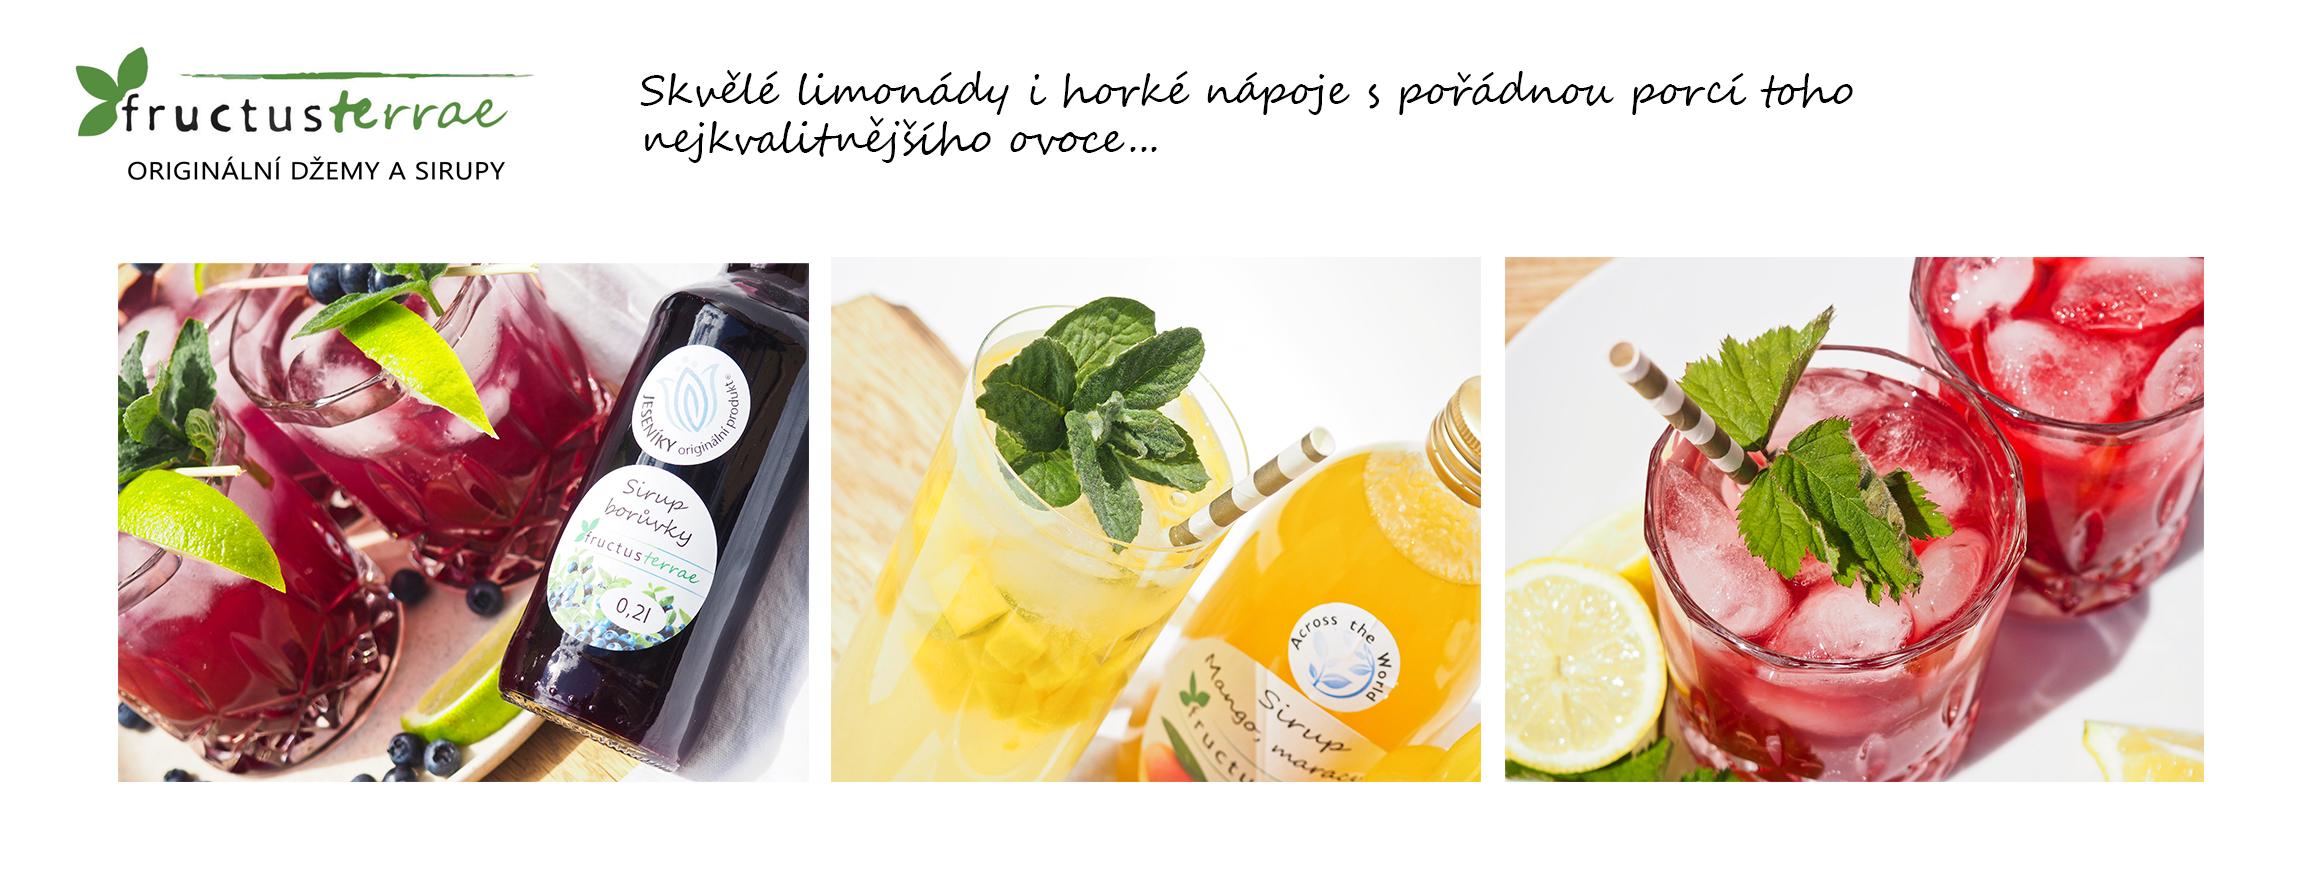 Skvělé limonády i horké nápoje s pořádnou porcí toho nejkvalitnějšího ovoce...